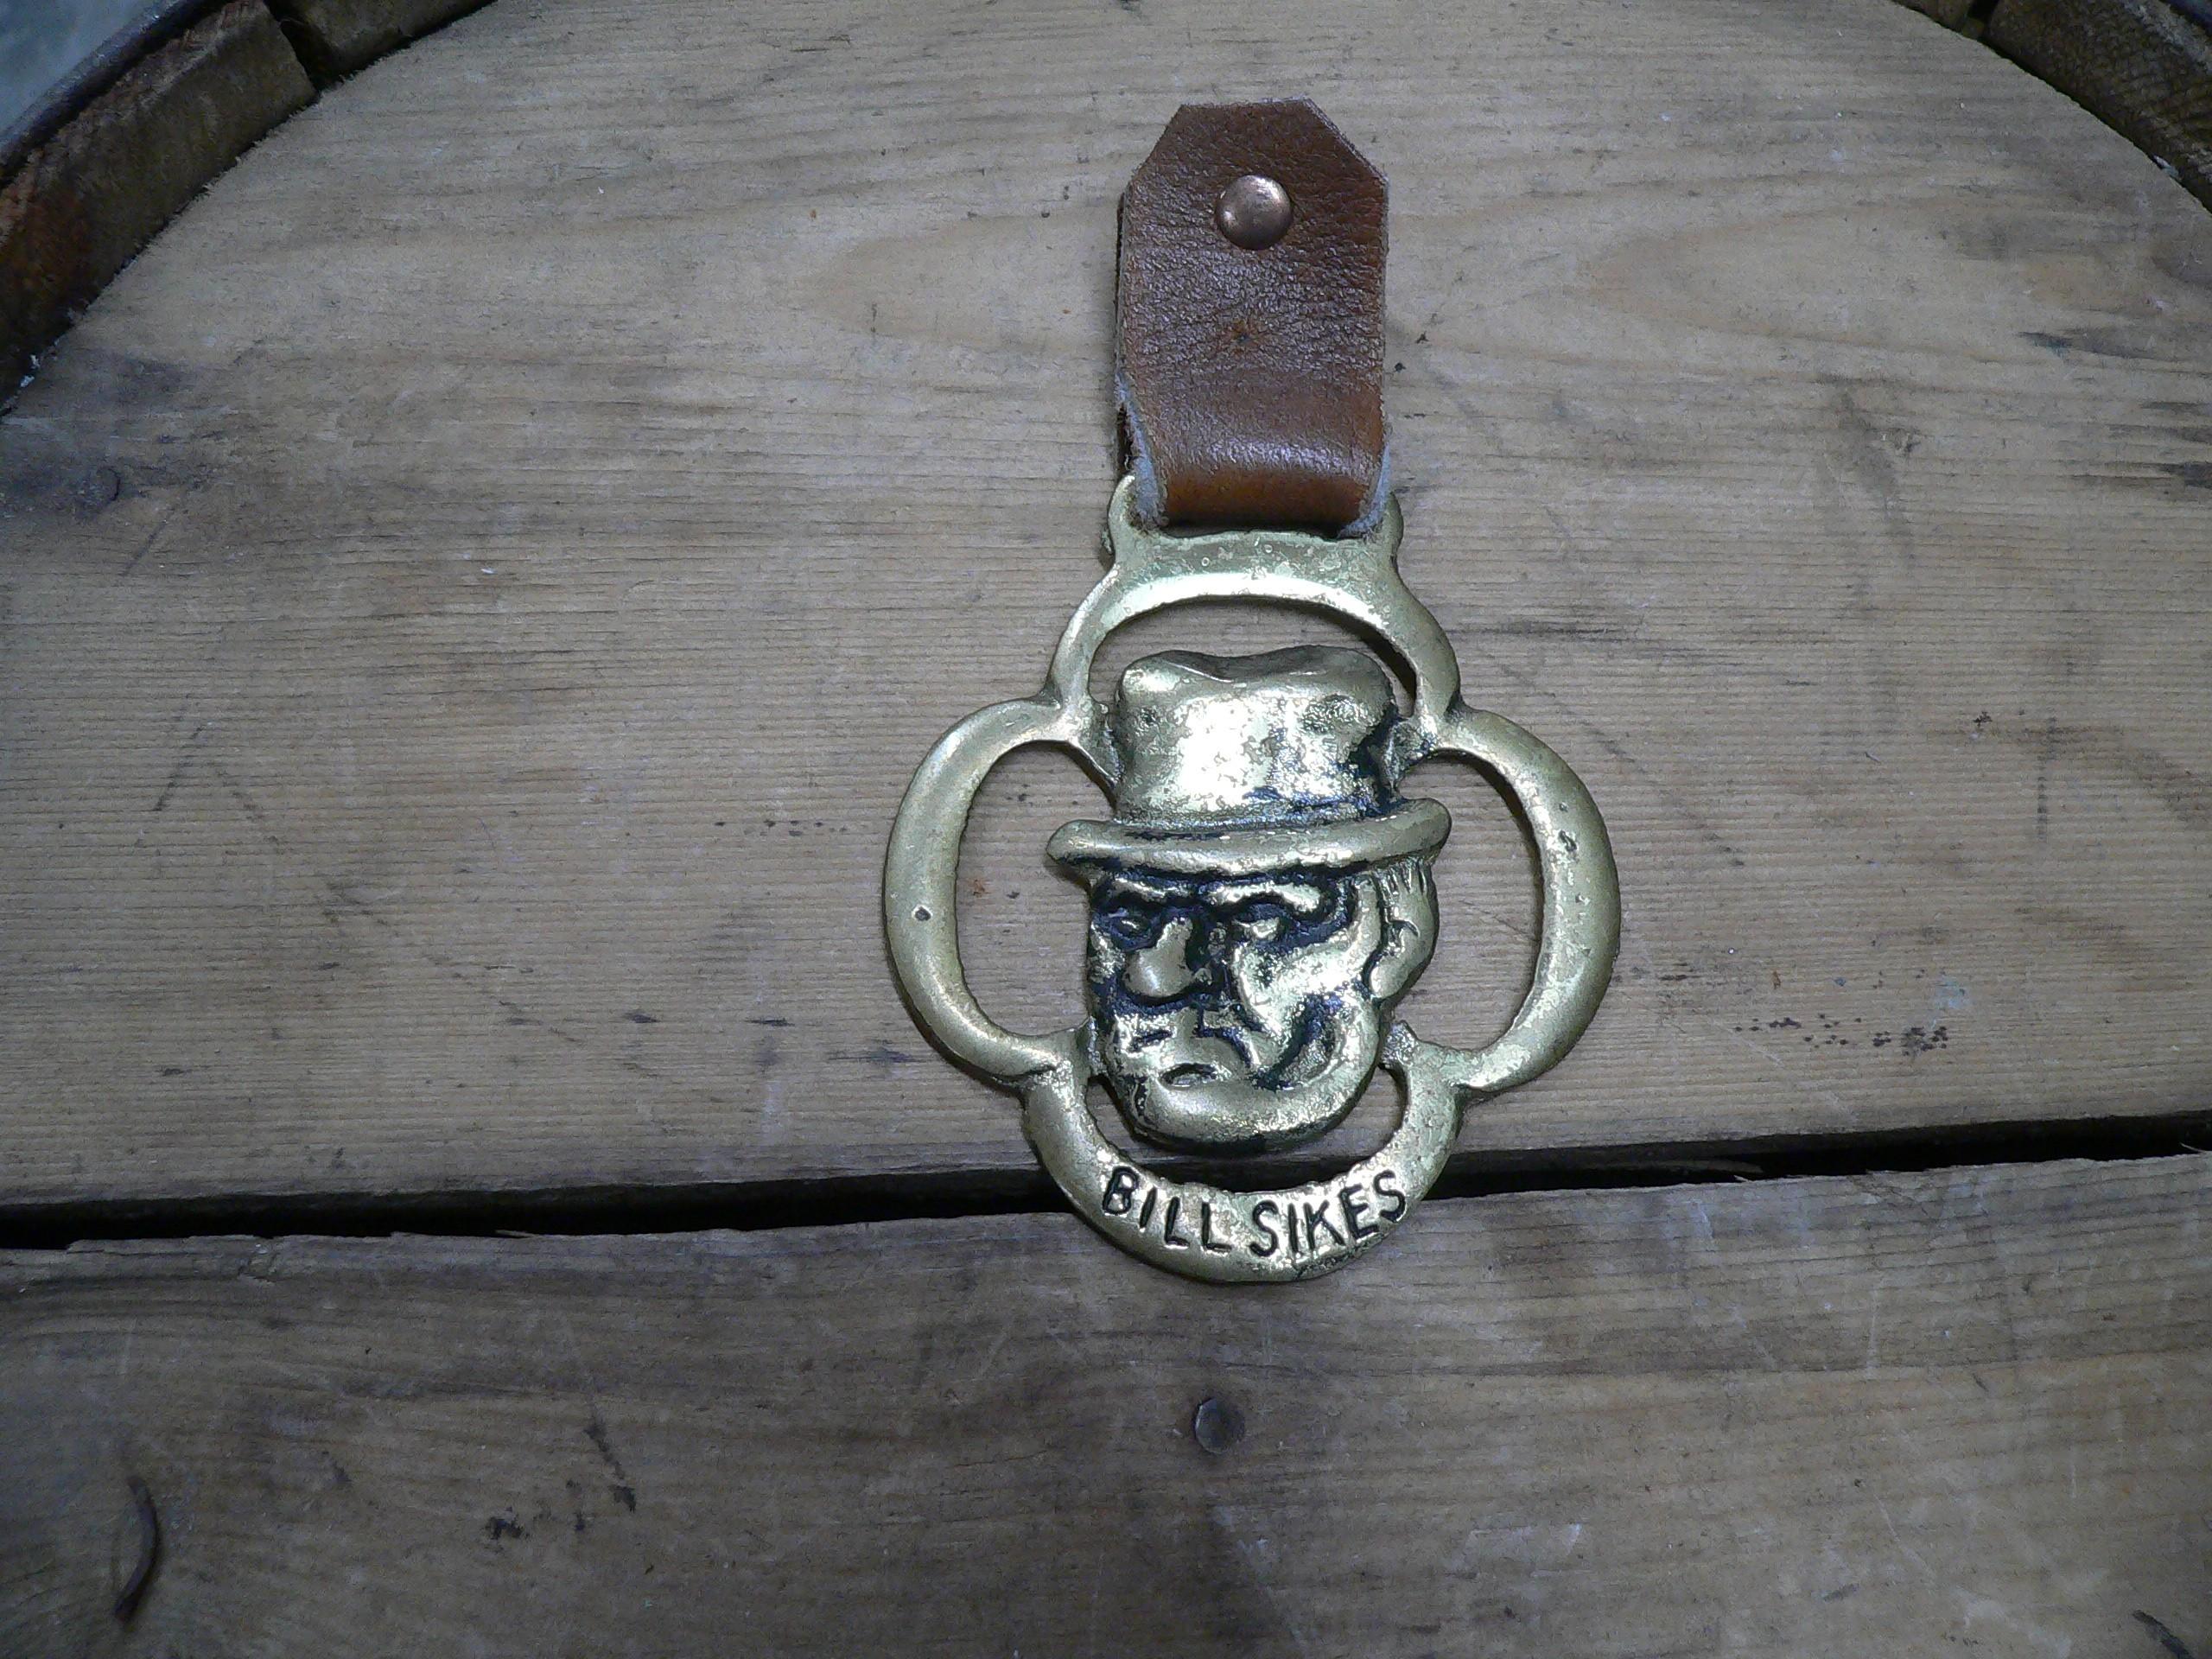 Médaille en brasse Bill sikes # 6915.3